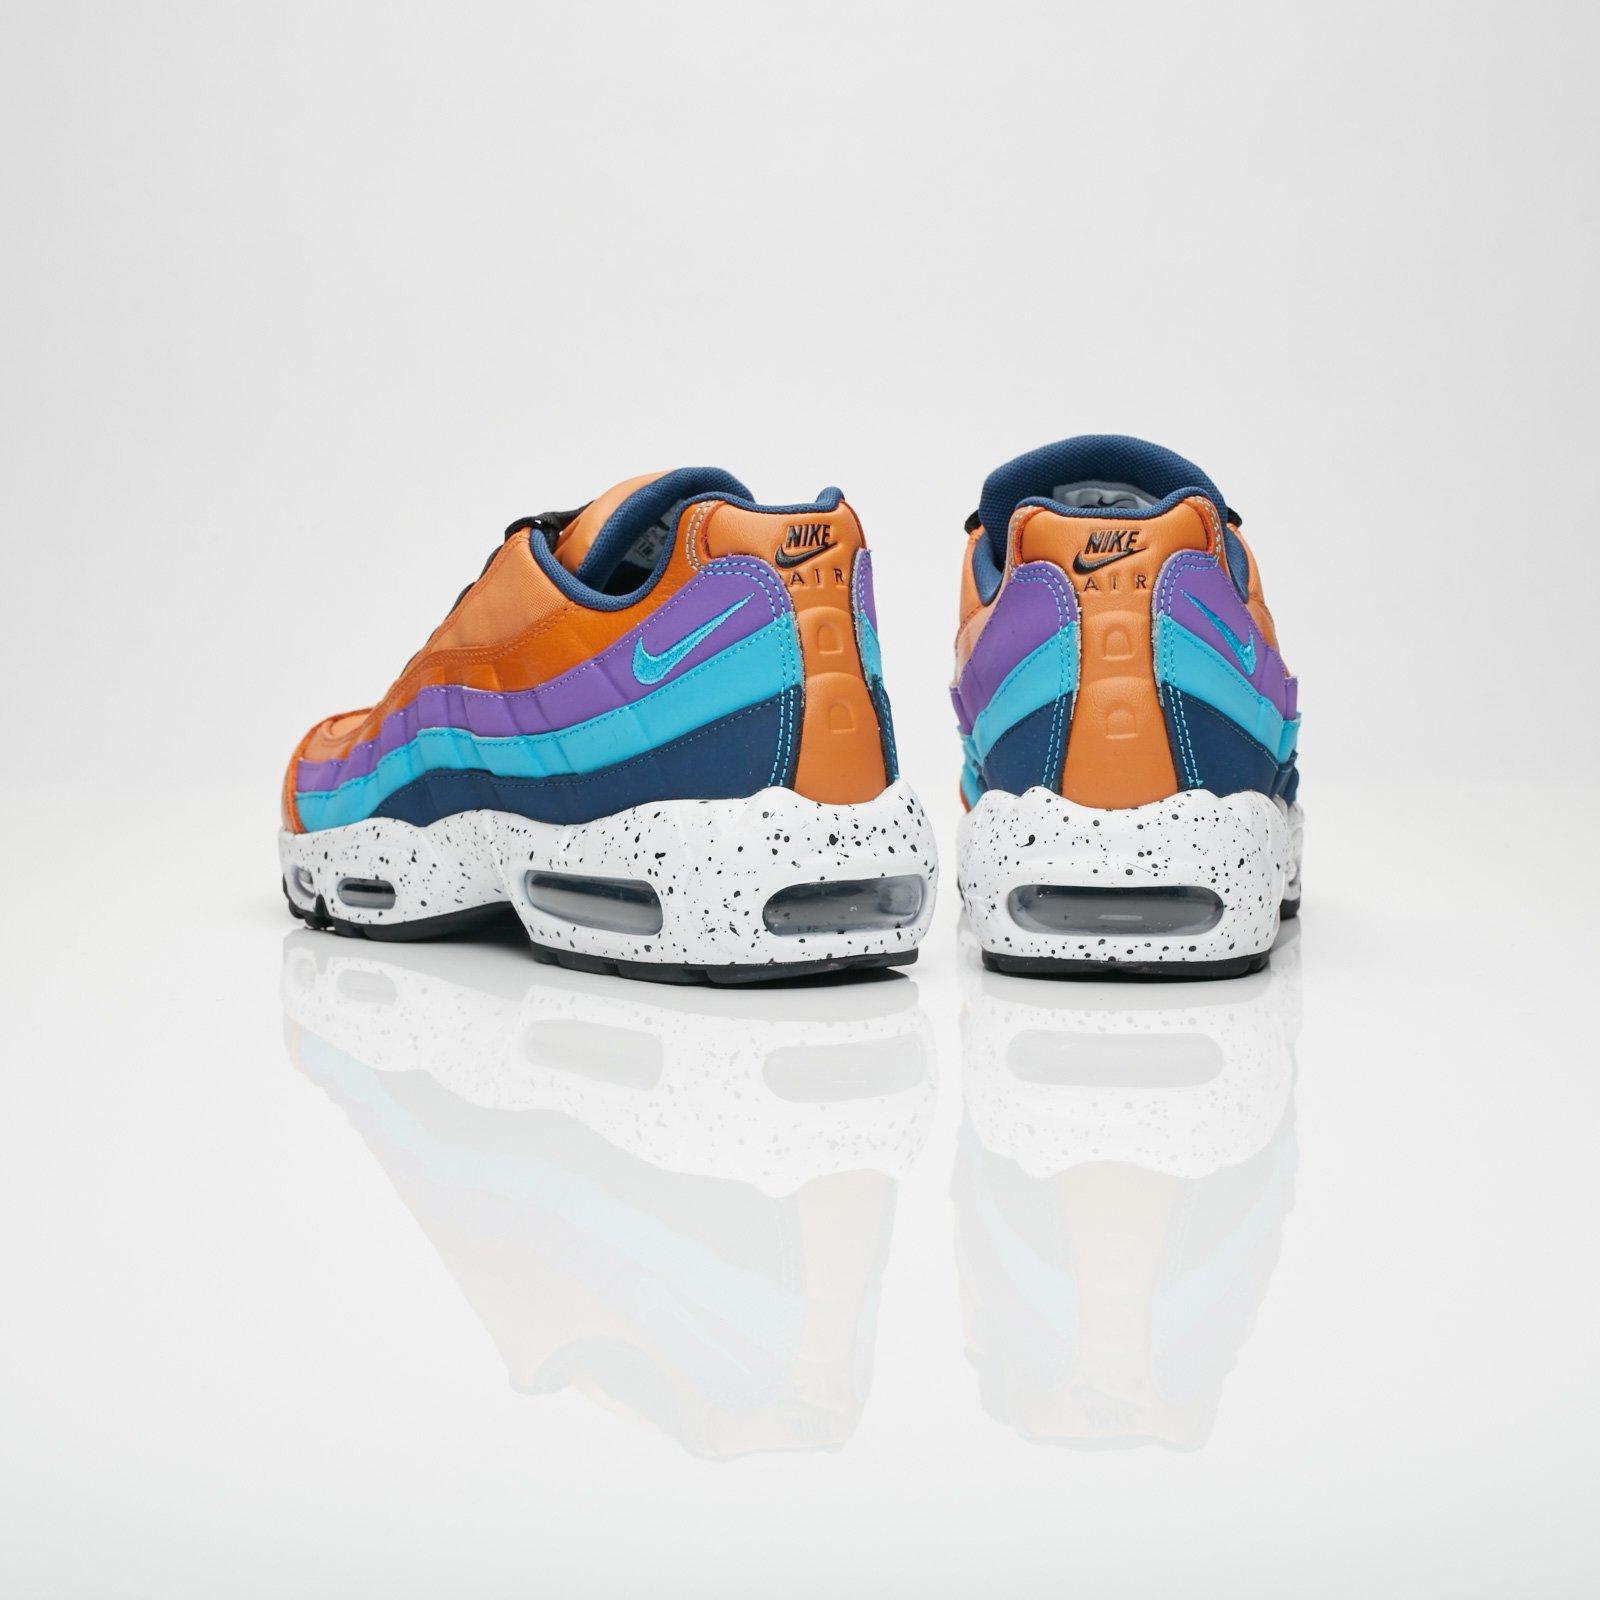 ff0f766233 Nike Air Max 95 Premium - 538416-800 - Sneakersnstuff   sneakers &  streetwear online since 1999